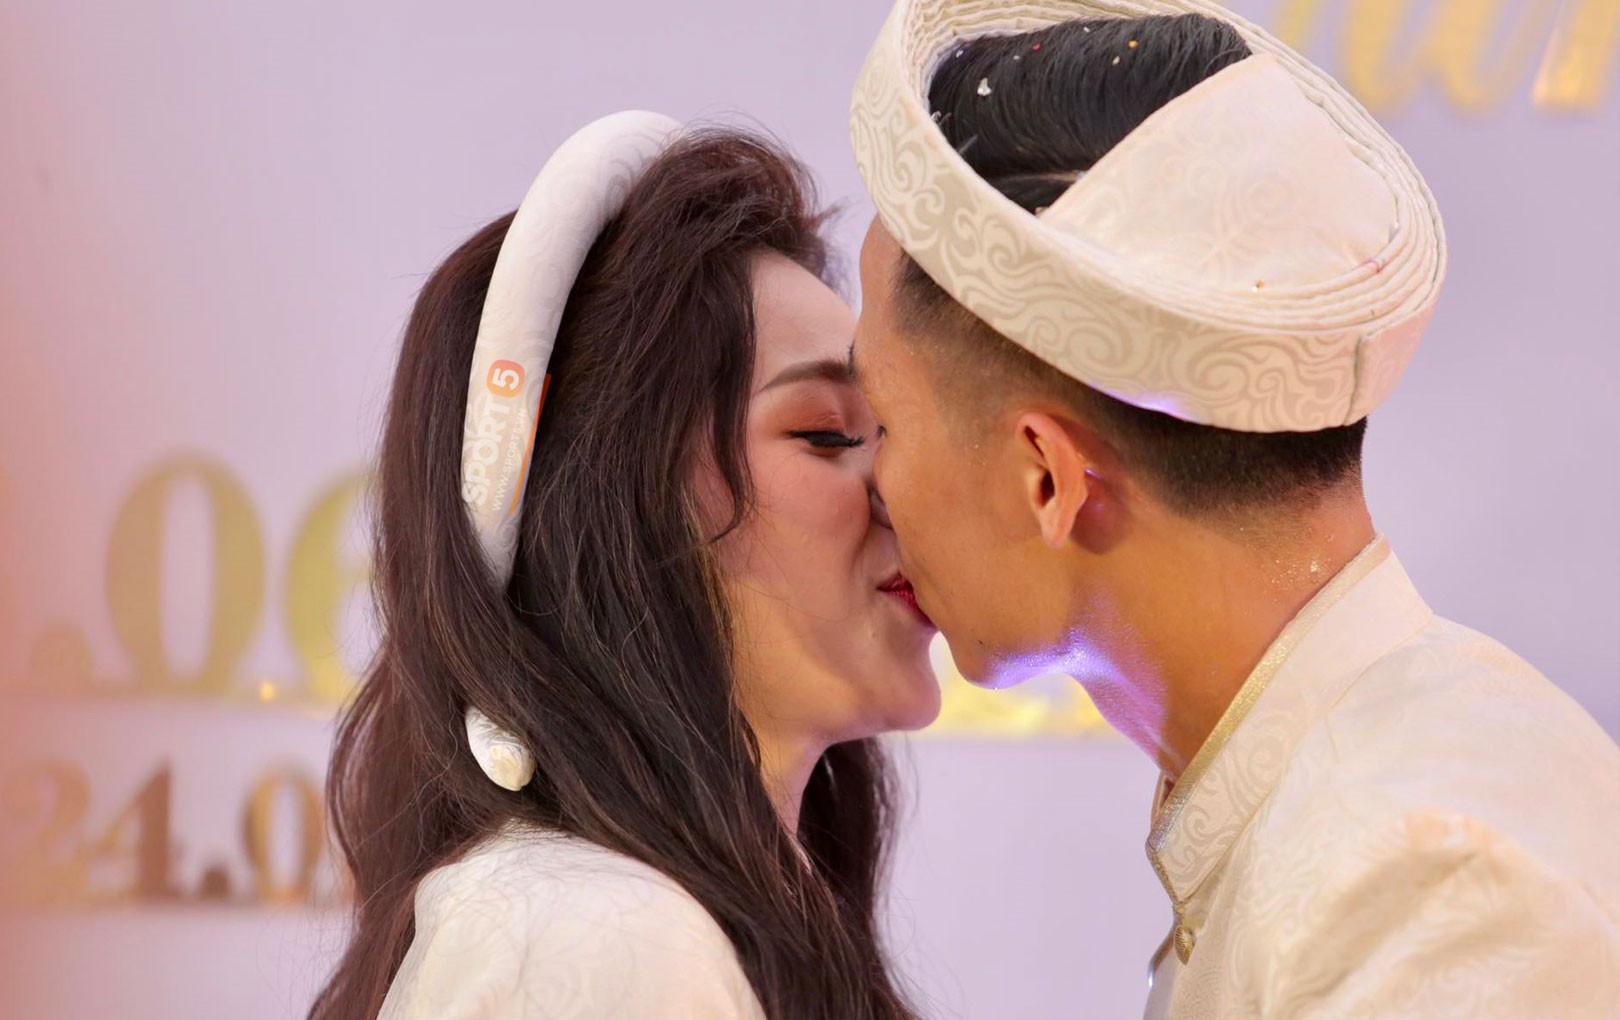 """Trung vệ Bùi Tiến Dũng """"tay đan tay"""", hôn môi bạn gái hot girl ngọt ngào trong lễ ăn hỏi"""